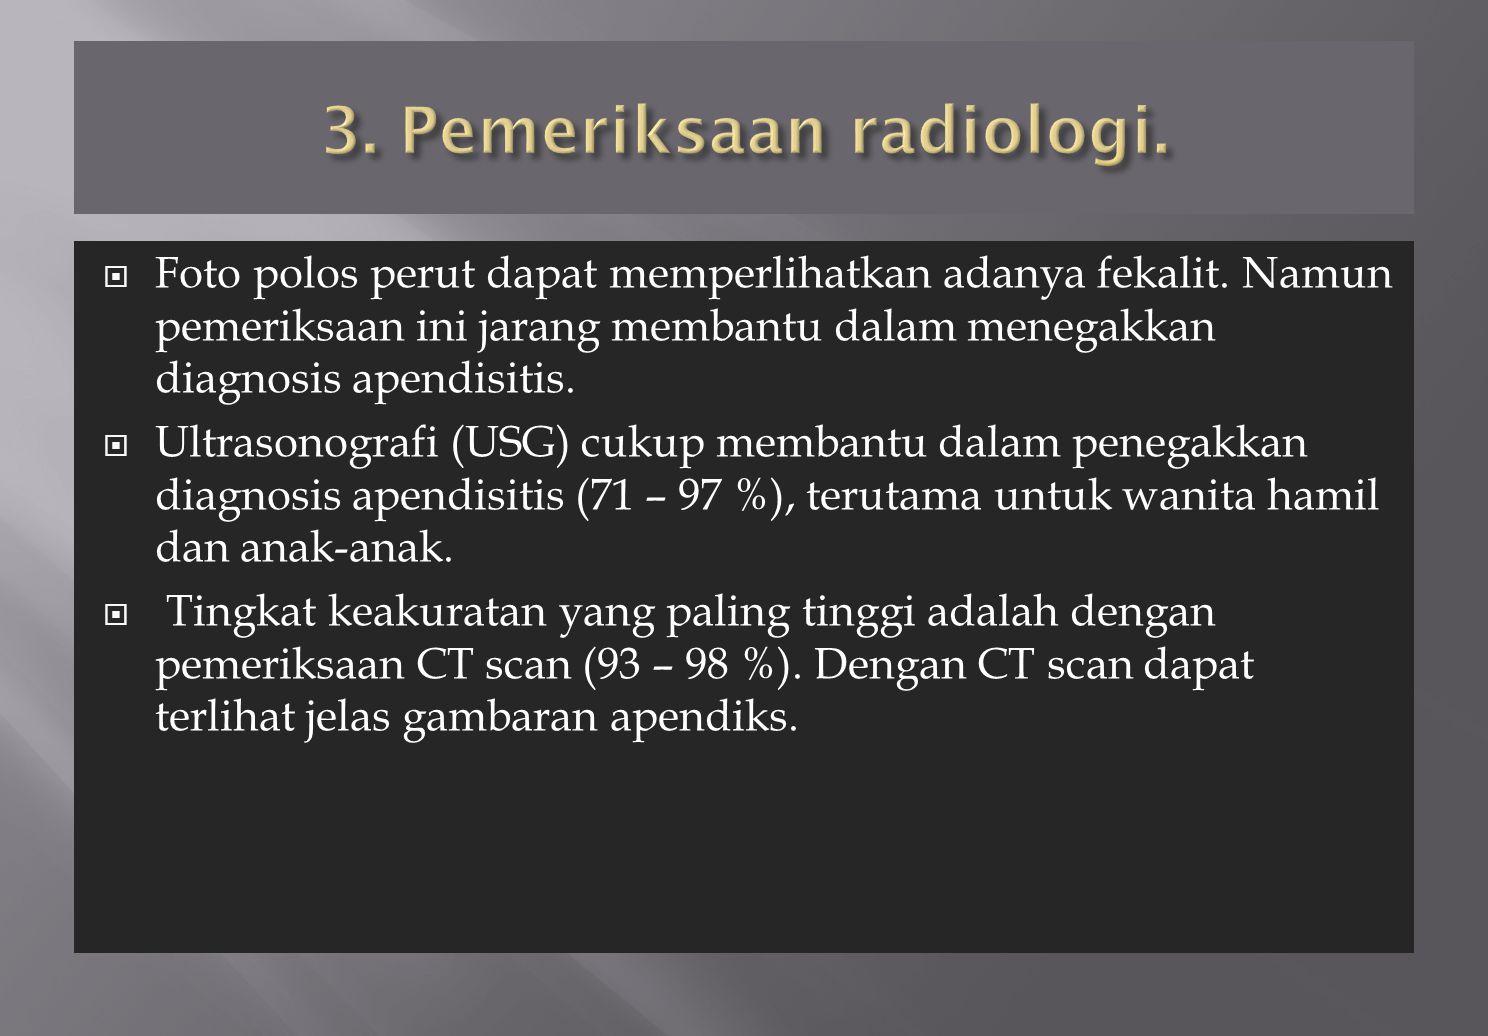  Foto polos perut dapat memperlihatkan adanya fekalit. Namun pemeriksaan ini jarang membantu dalam menegakkan diagnosis apendisitis.  Ultrasonografi